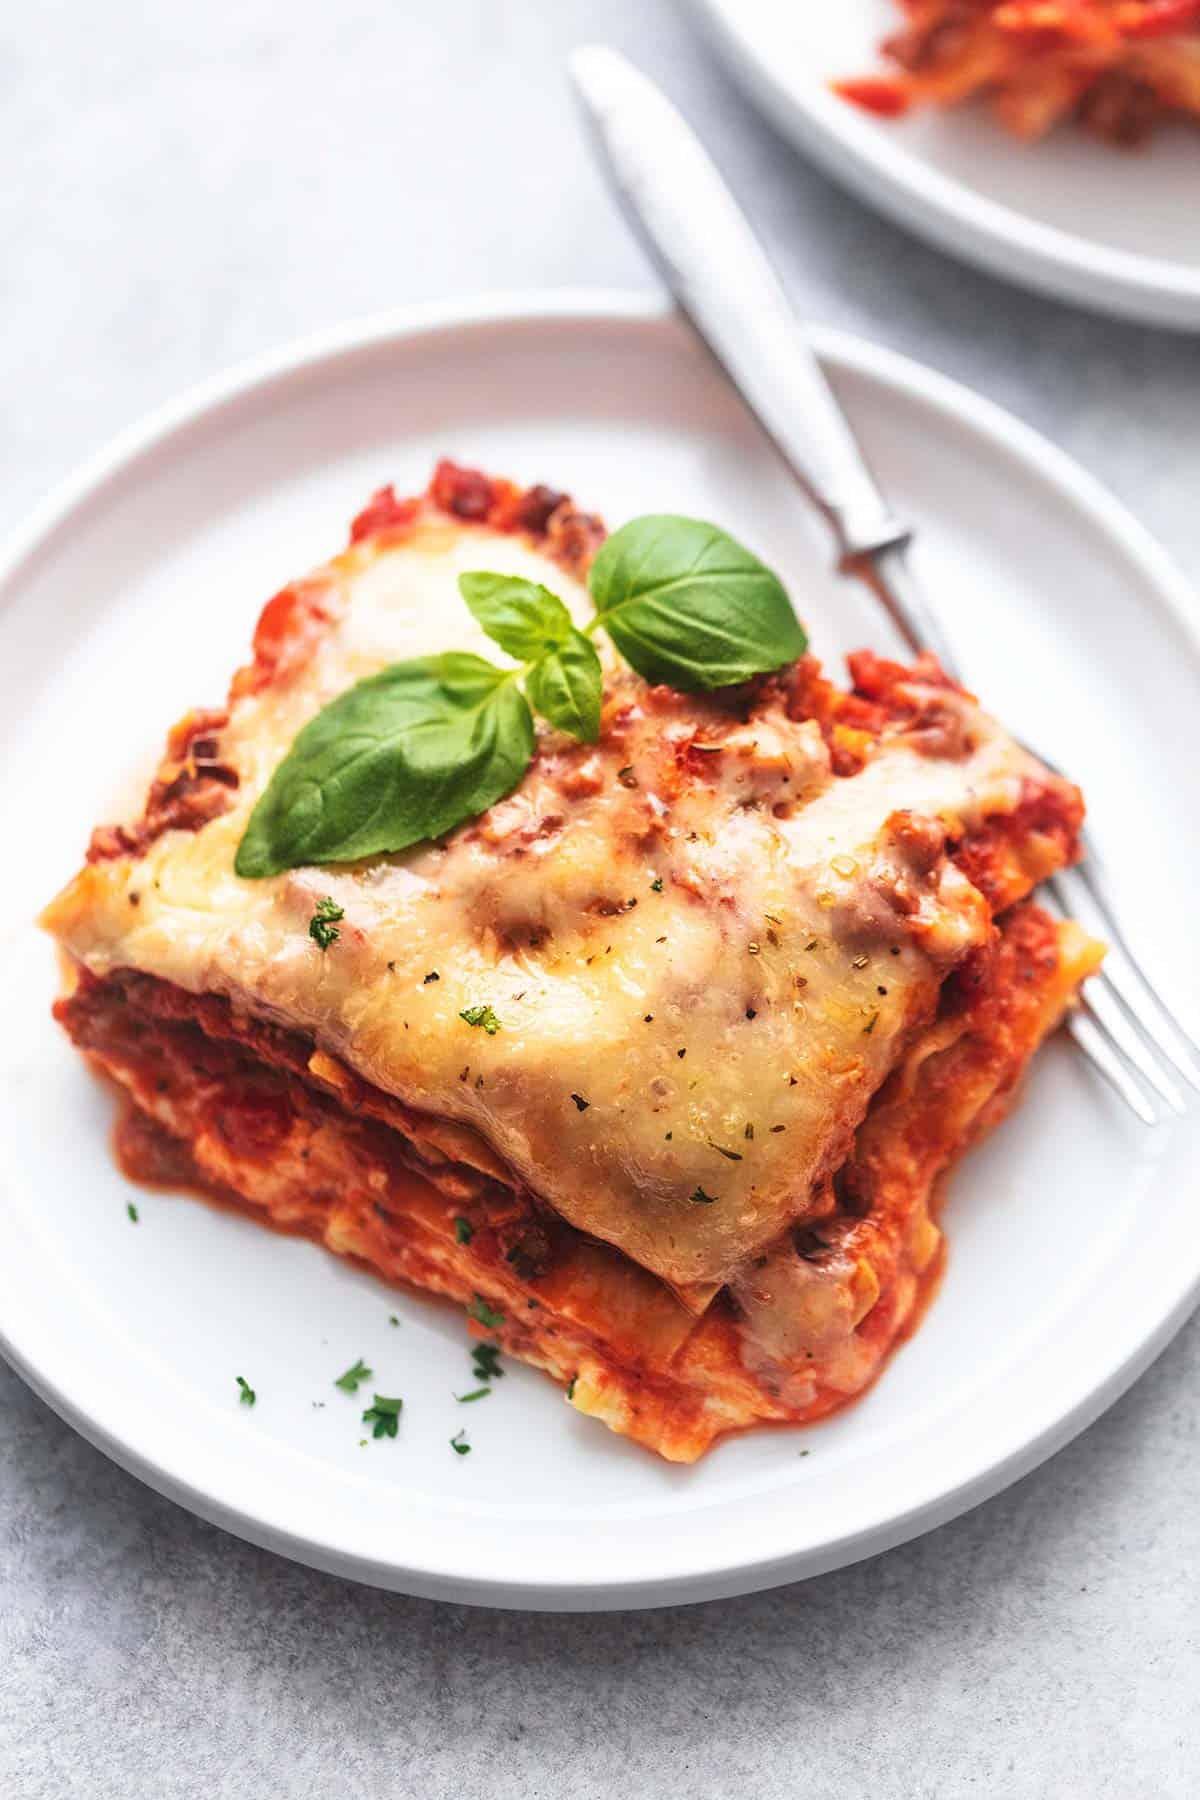 hautnah ein Stück Lasagne mit Basilikum auf einem weißen Teller mit einer Gabel